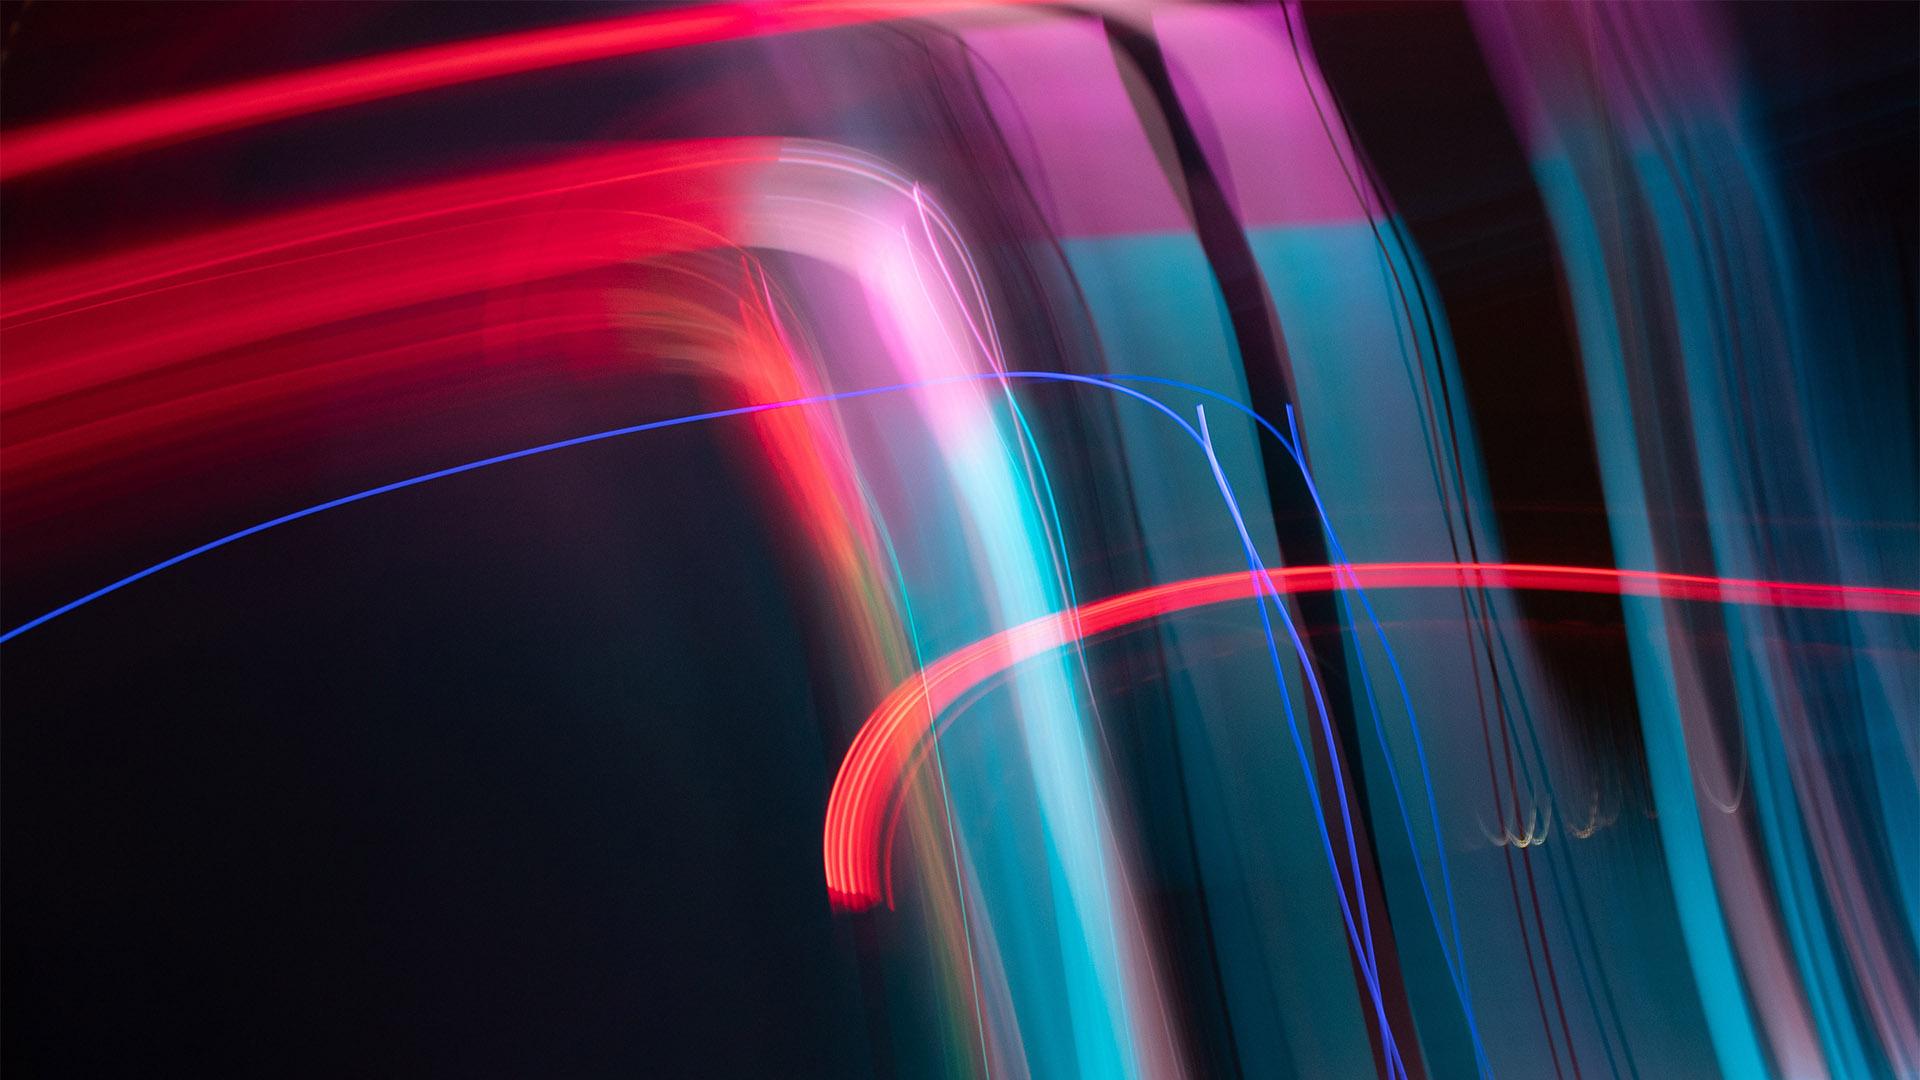 Abstraktes Lichtmuster durch Langzeitbelichtung in Rot und Grün. Symbolbild für Art Direction.